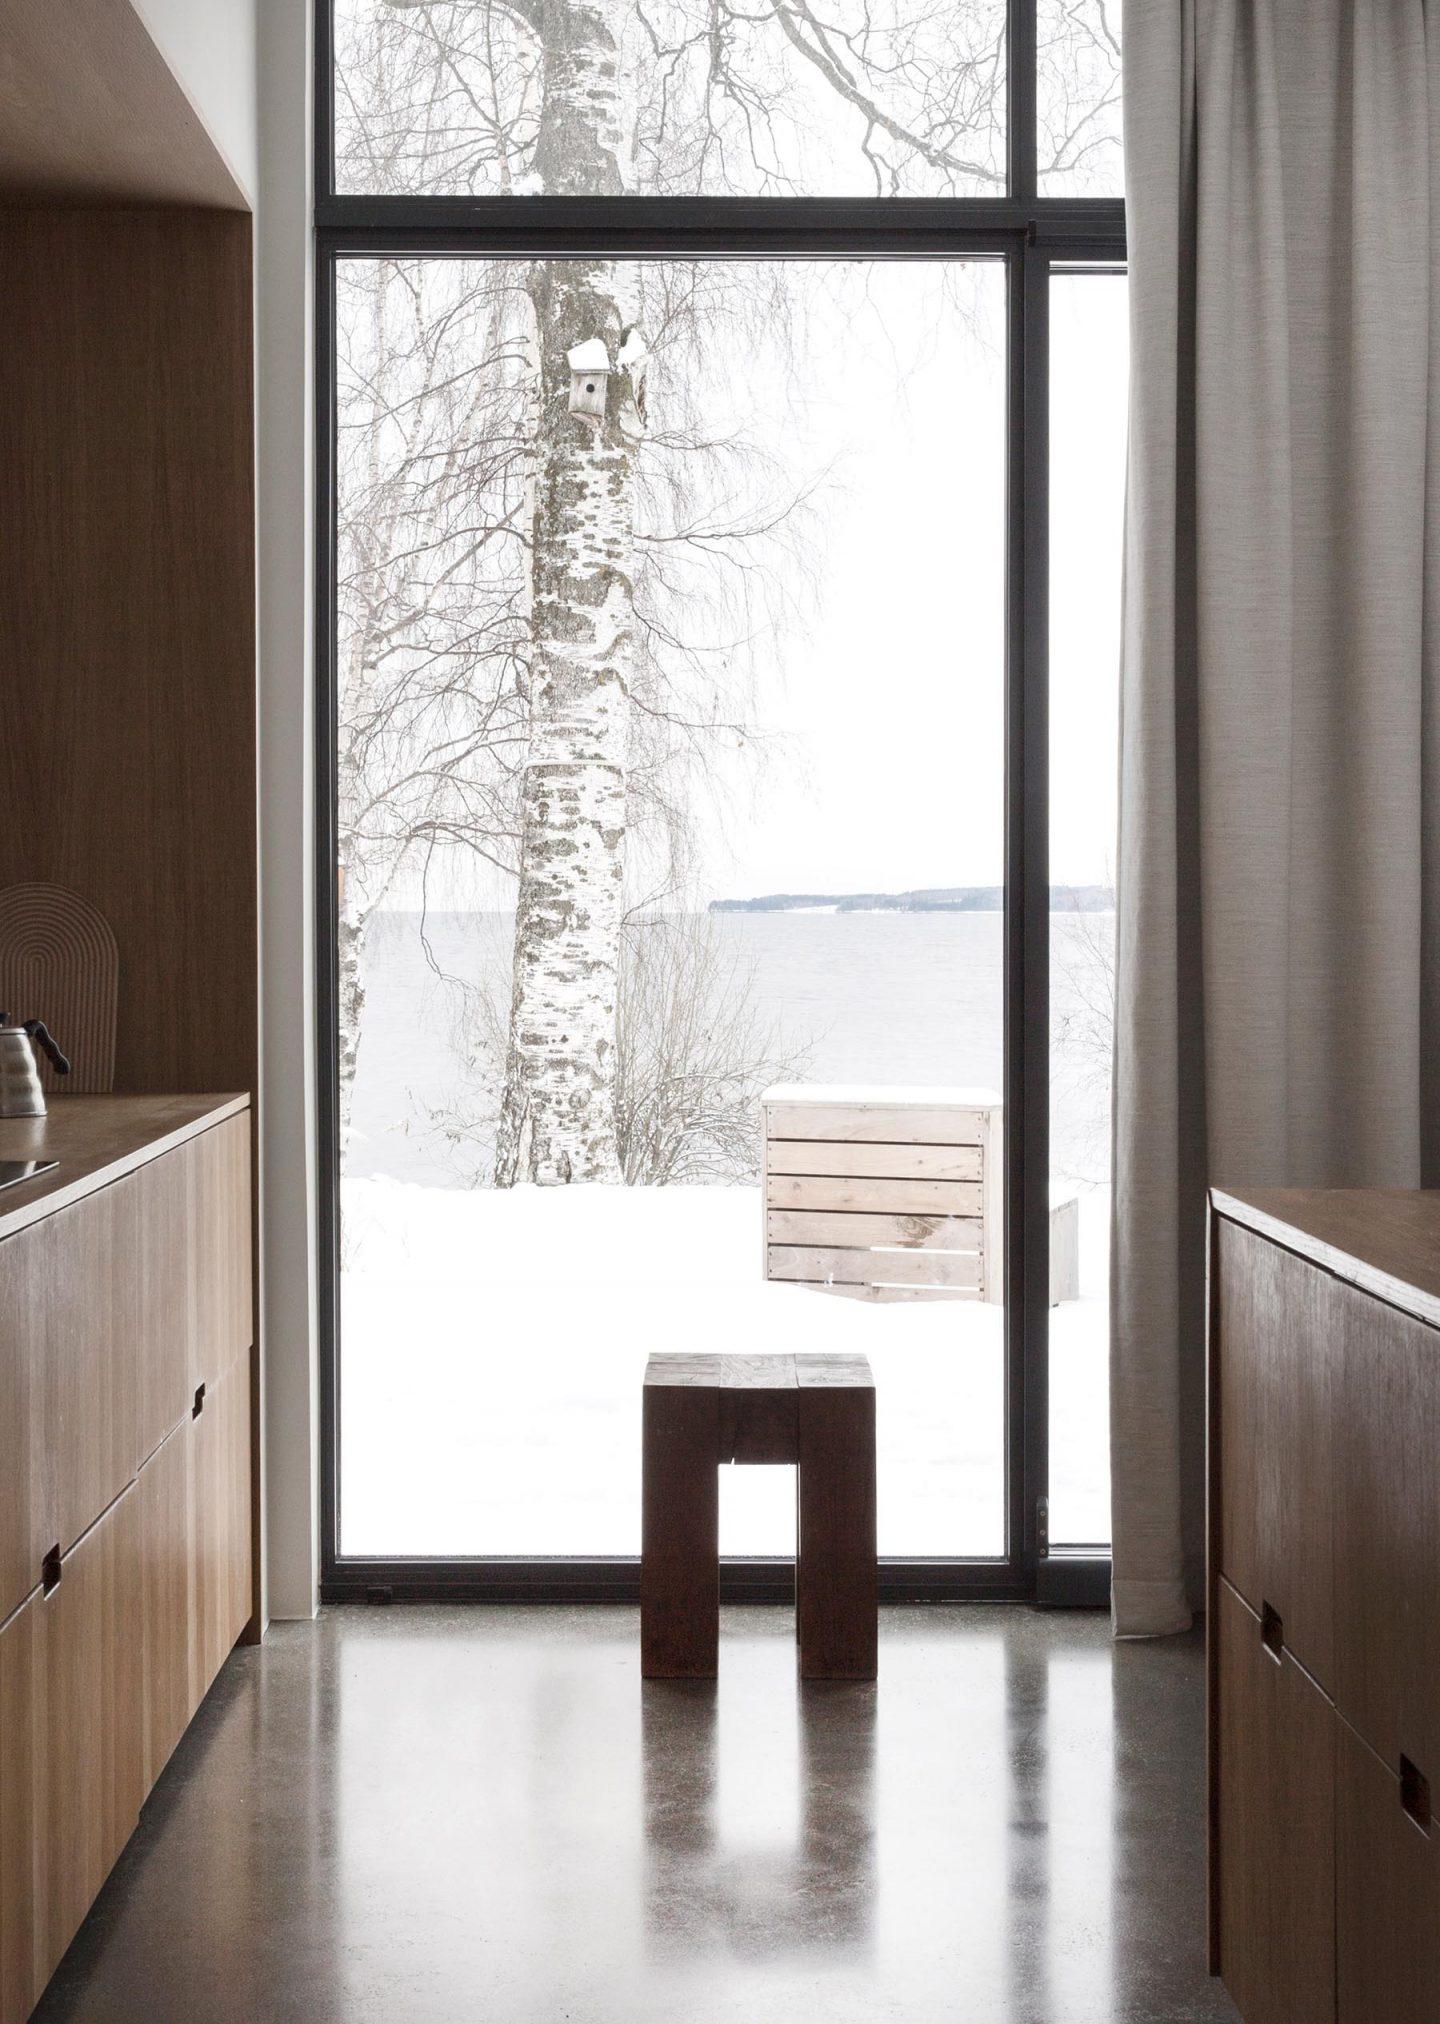 iGNANT-Architecture-Norm-Architects-Gjovik-House-17